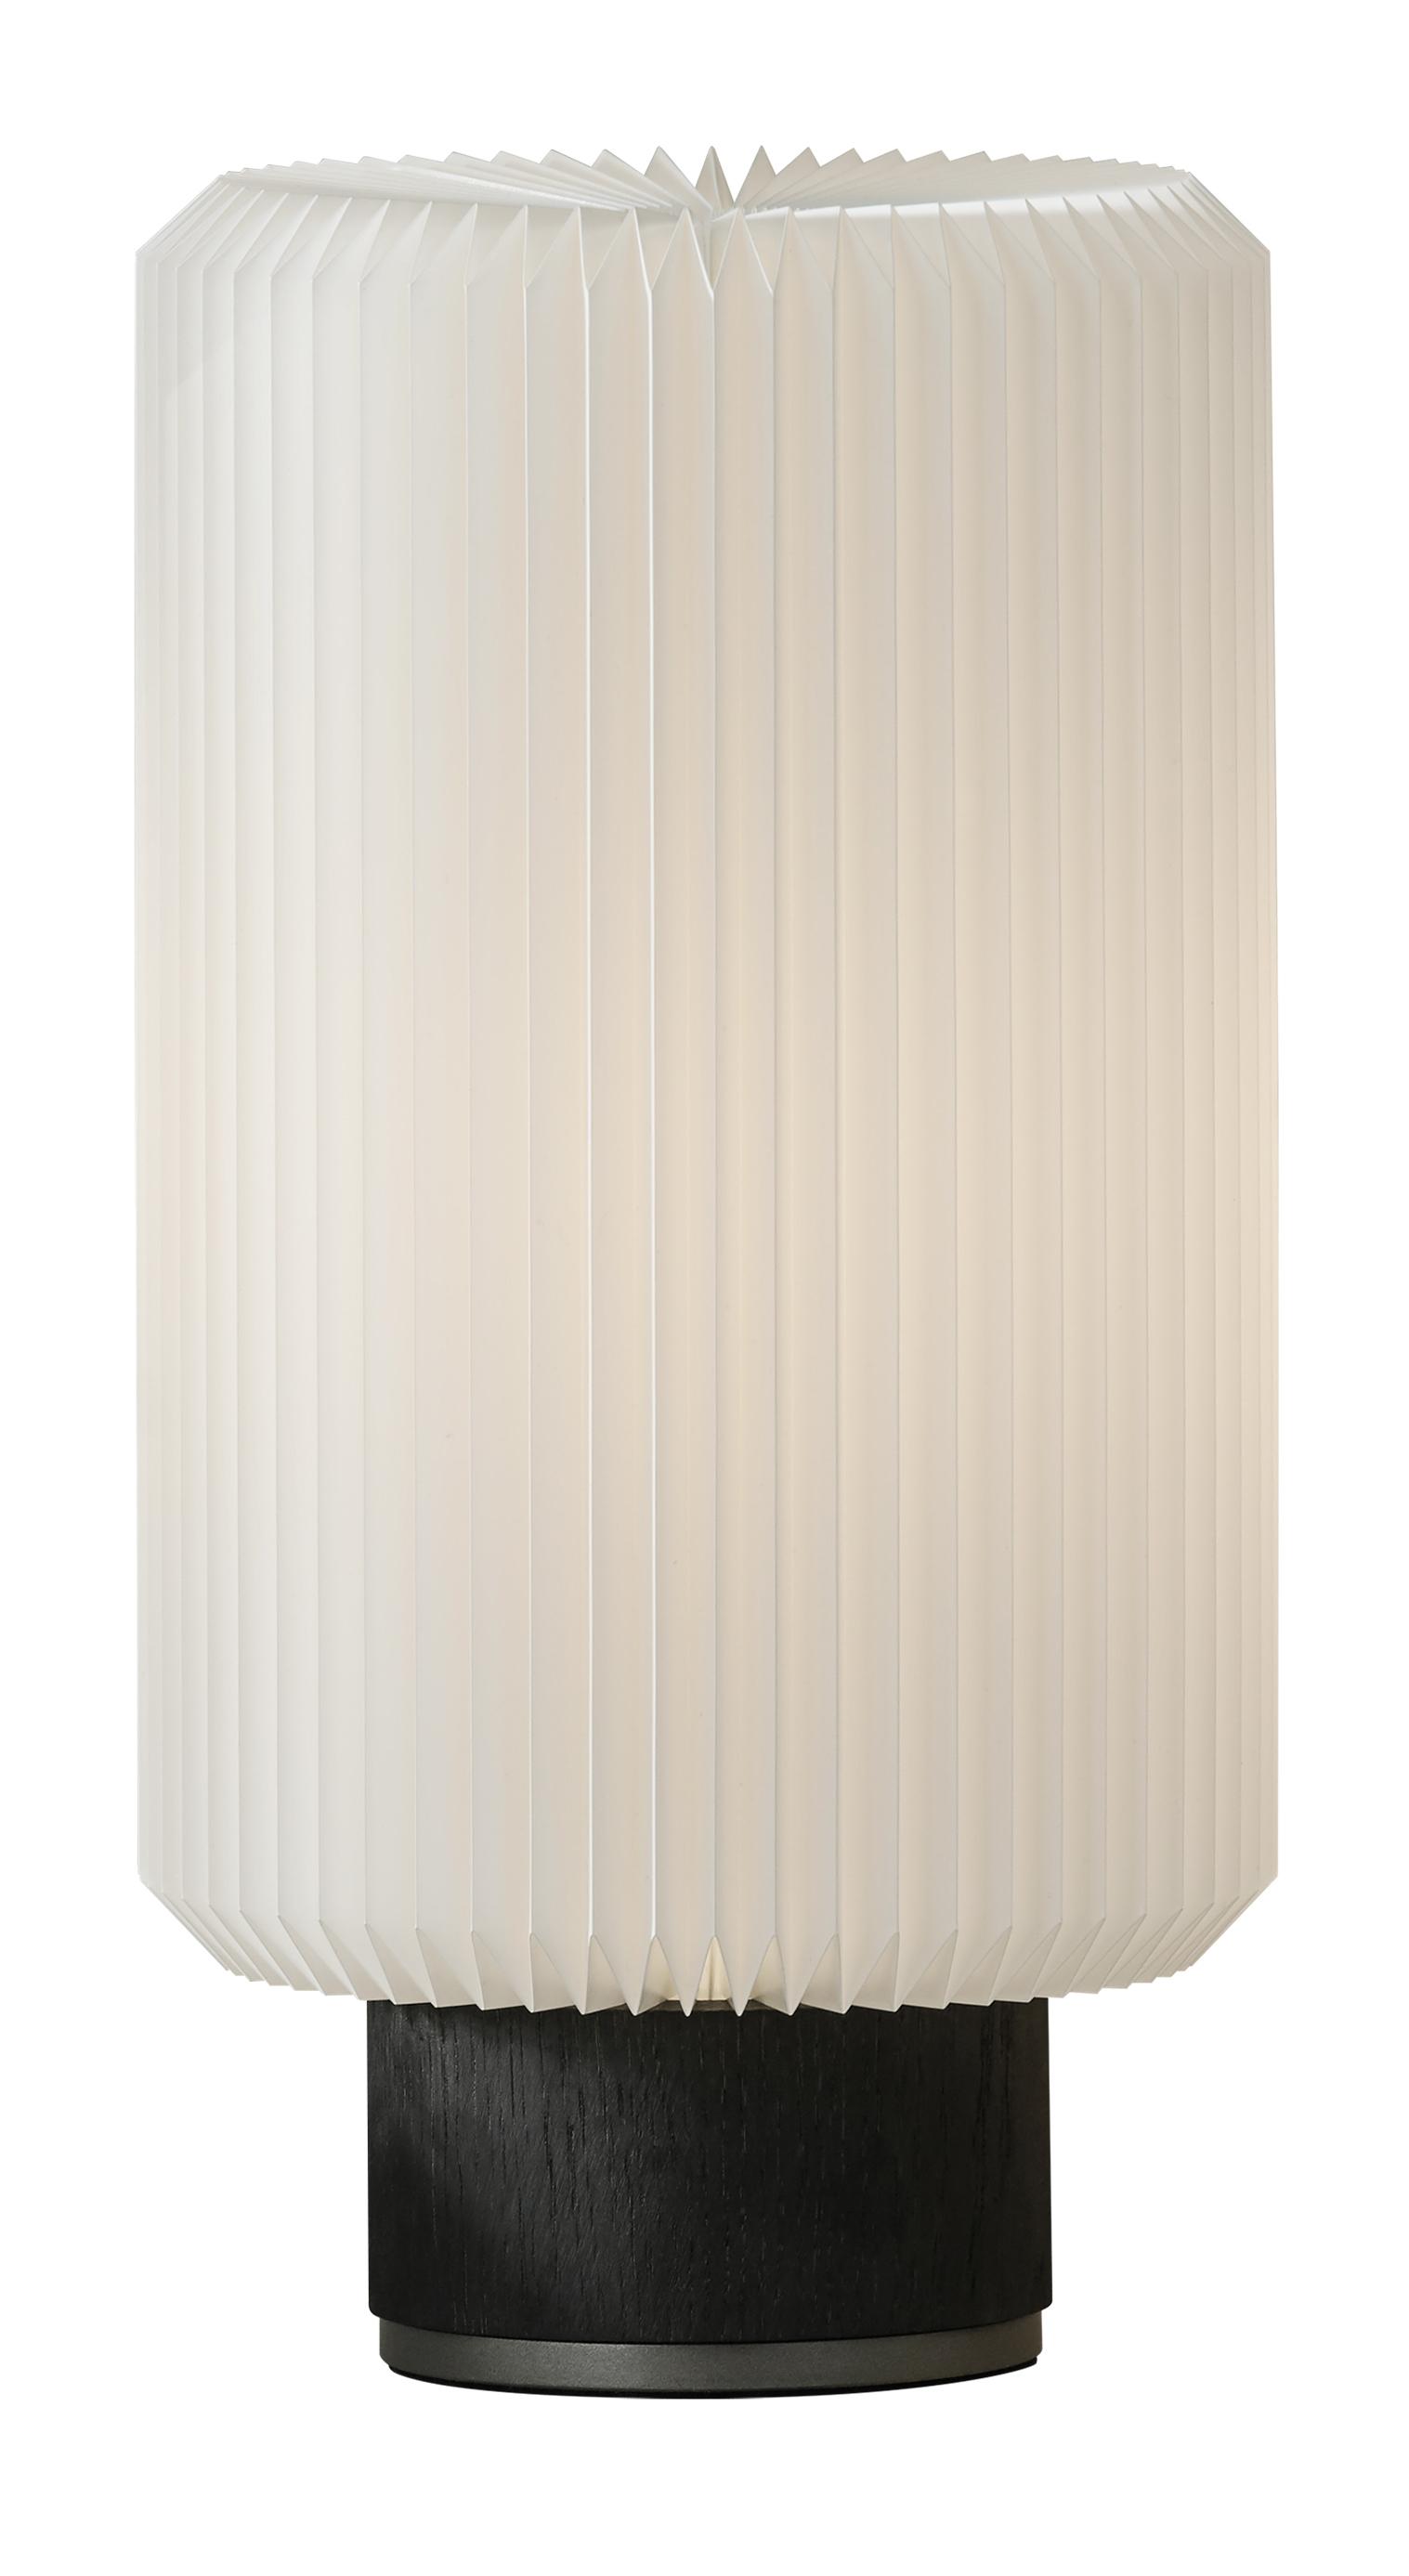 le klint – Cylinder medium bordlampe hvid - le klint på luxlight.dk